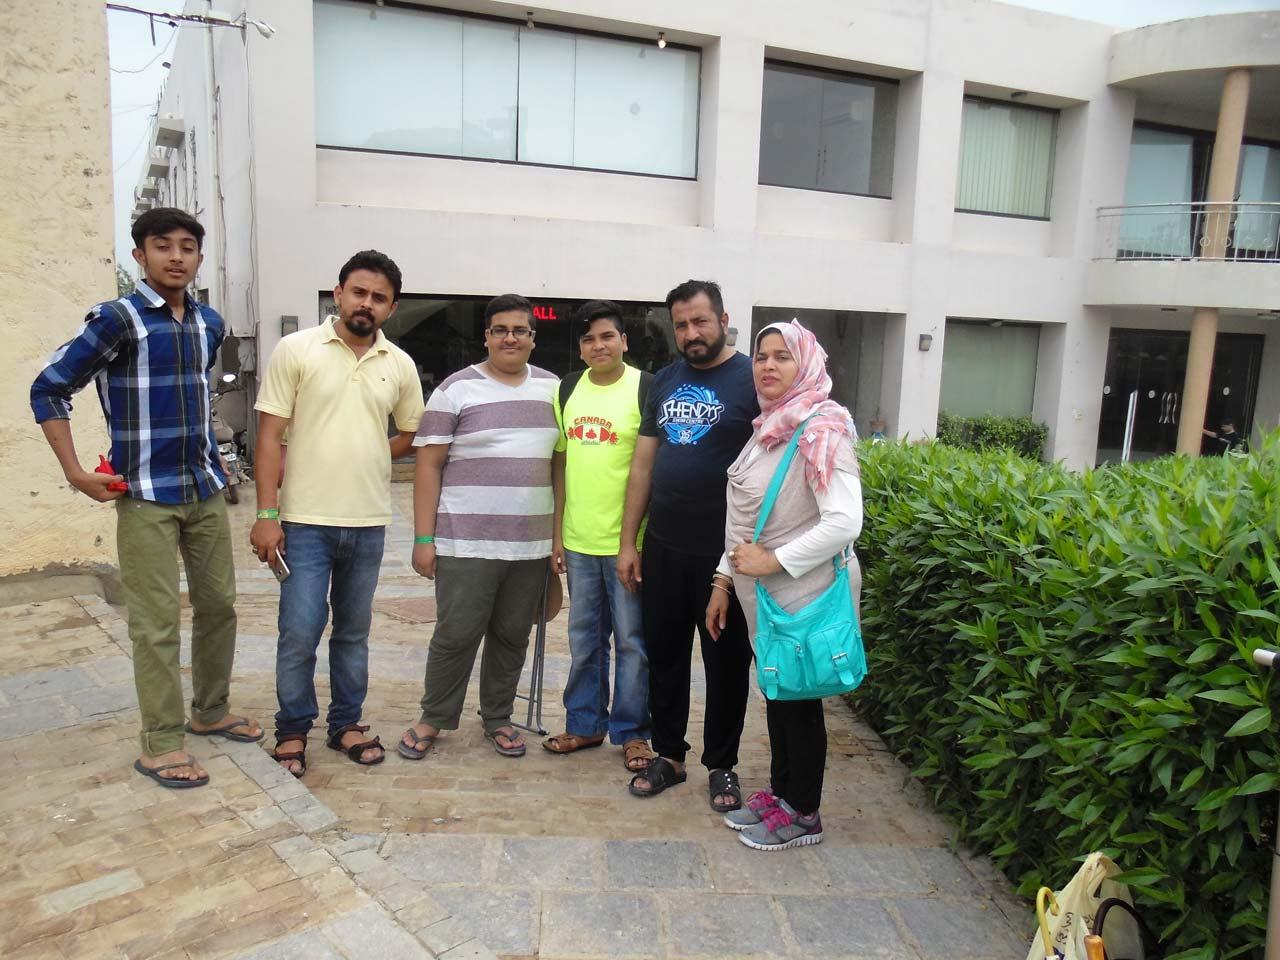 Sameer, Shabeel, Hammad, Kausar, Talal, Syed Arshad Ali, Kausar Ali